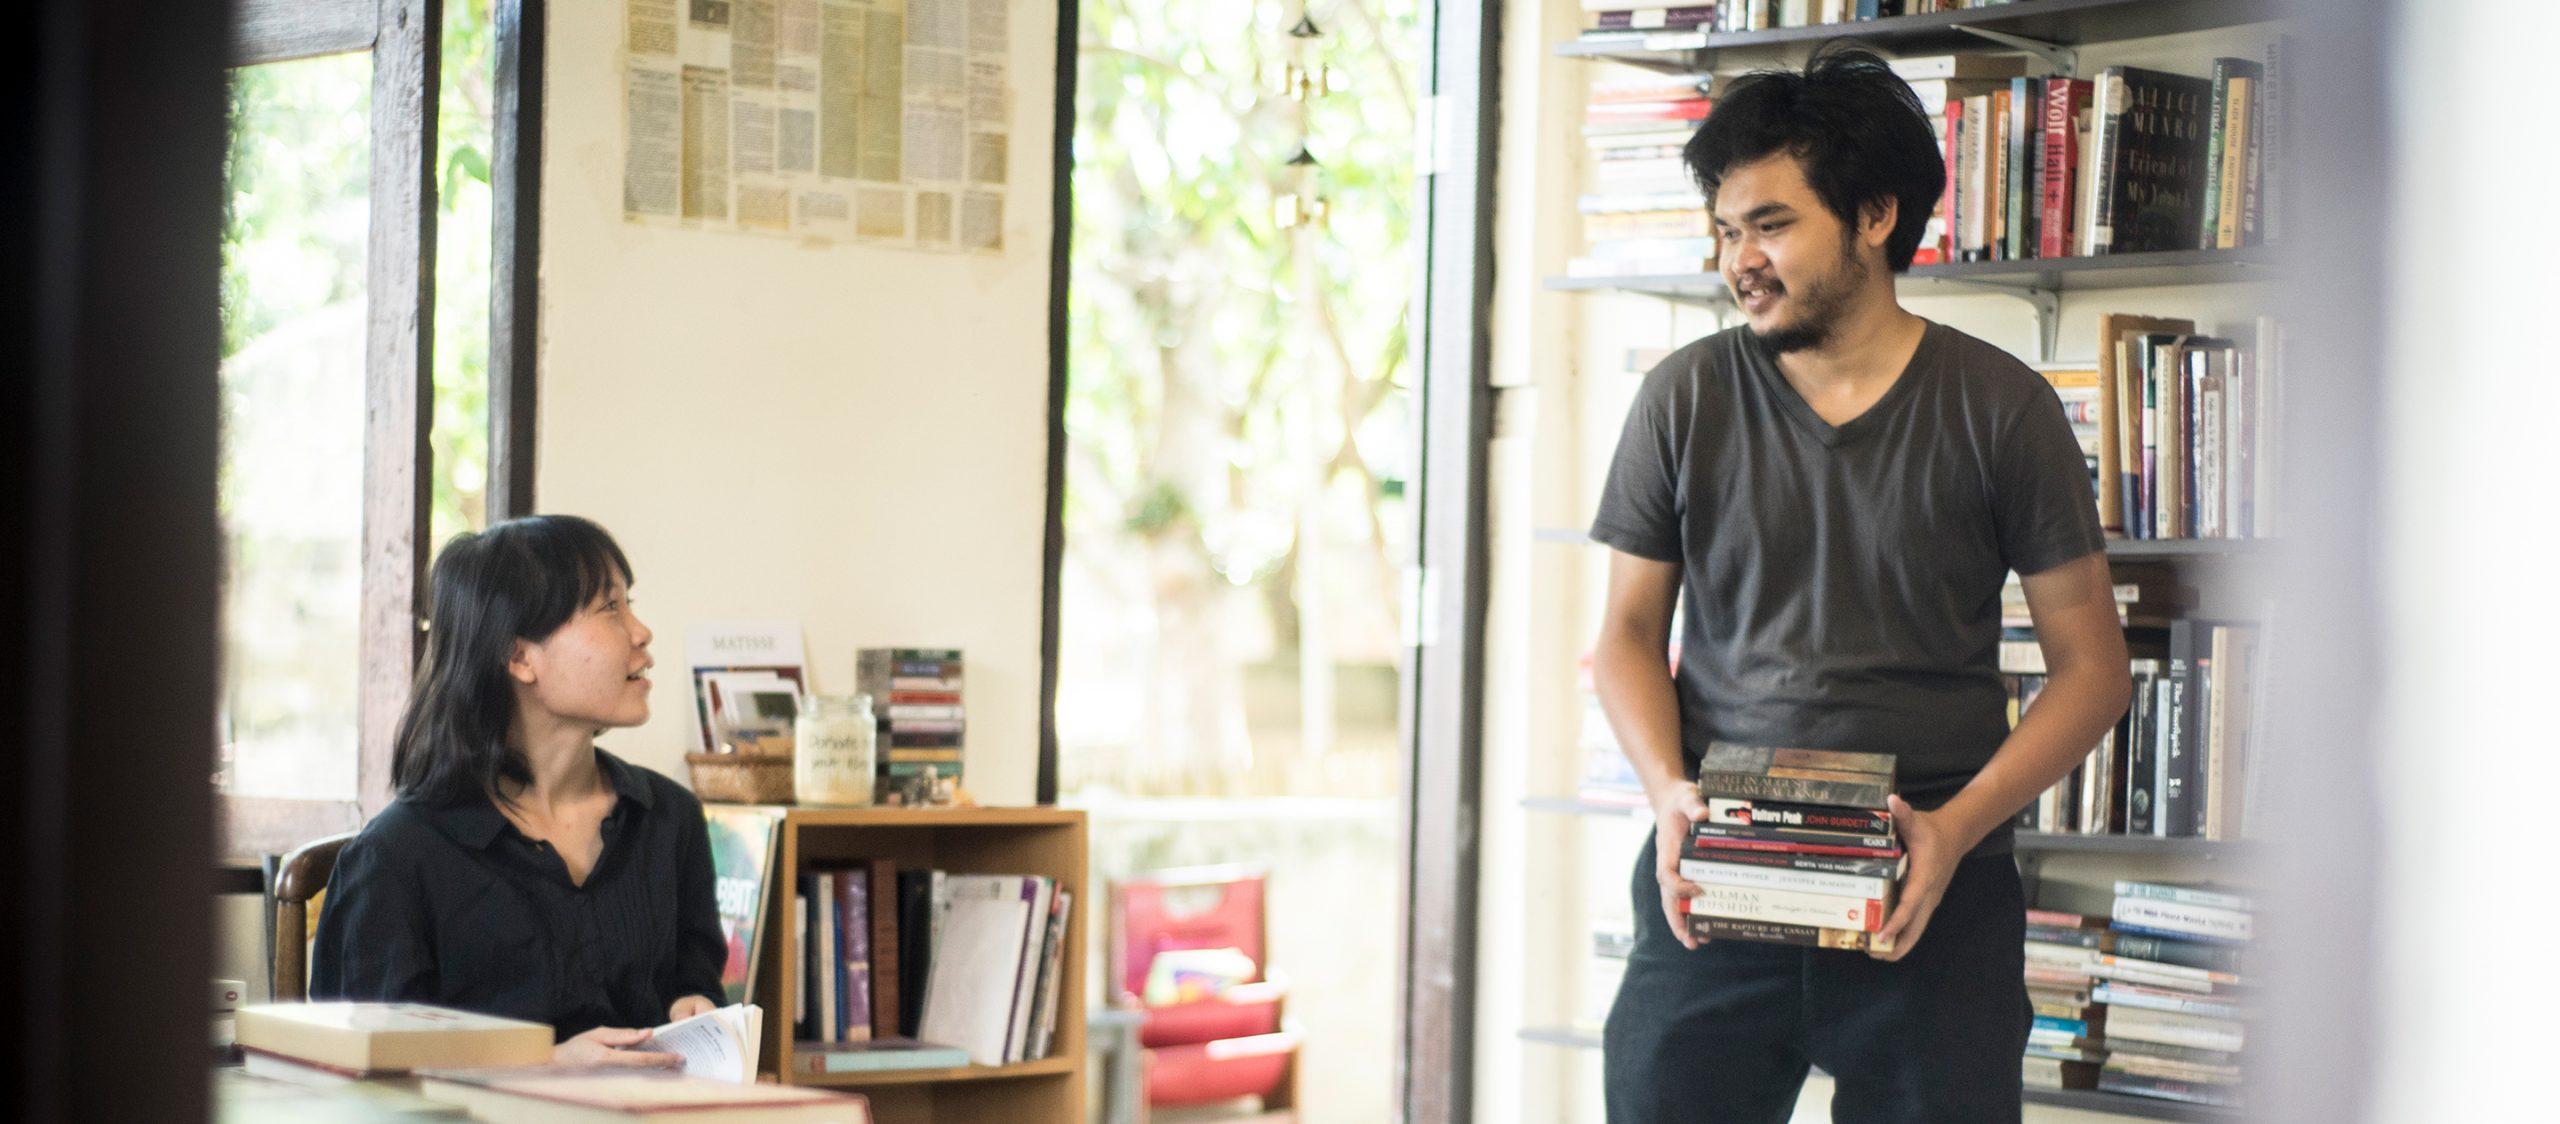 Being in the Book : ร้านหนังสือมือสองที่อยากเป็นมือหนึ่งในการส่งมอบความสุขให้นักอ่าน